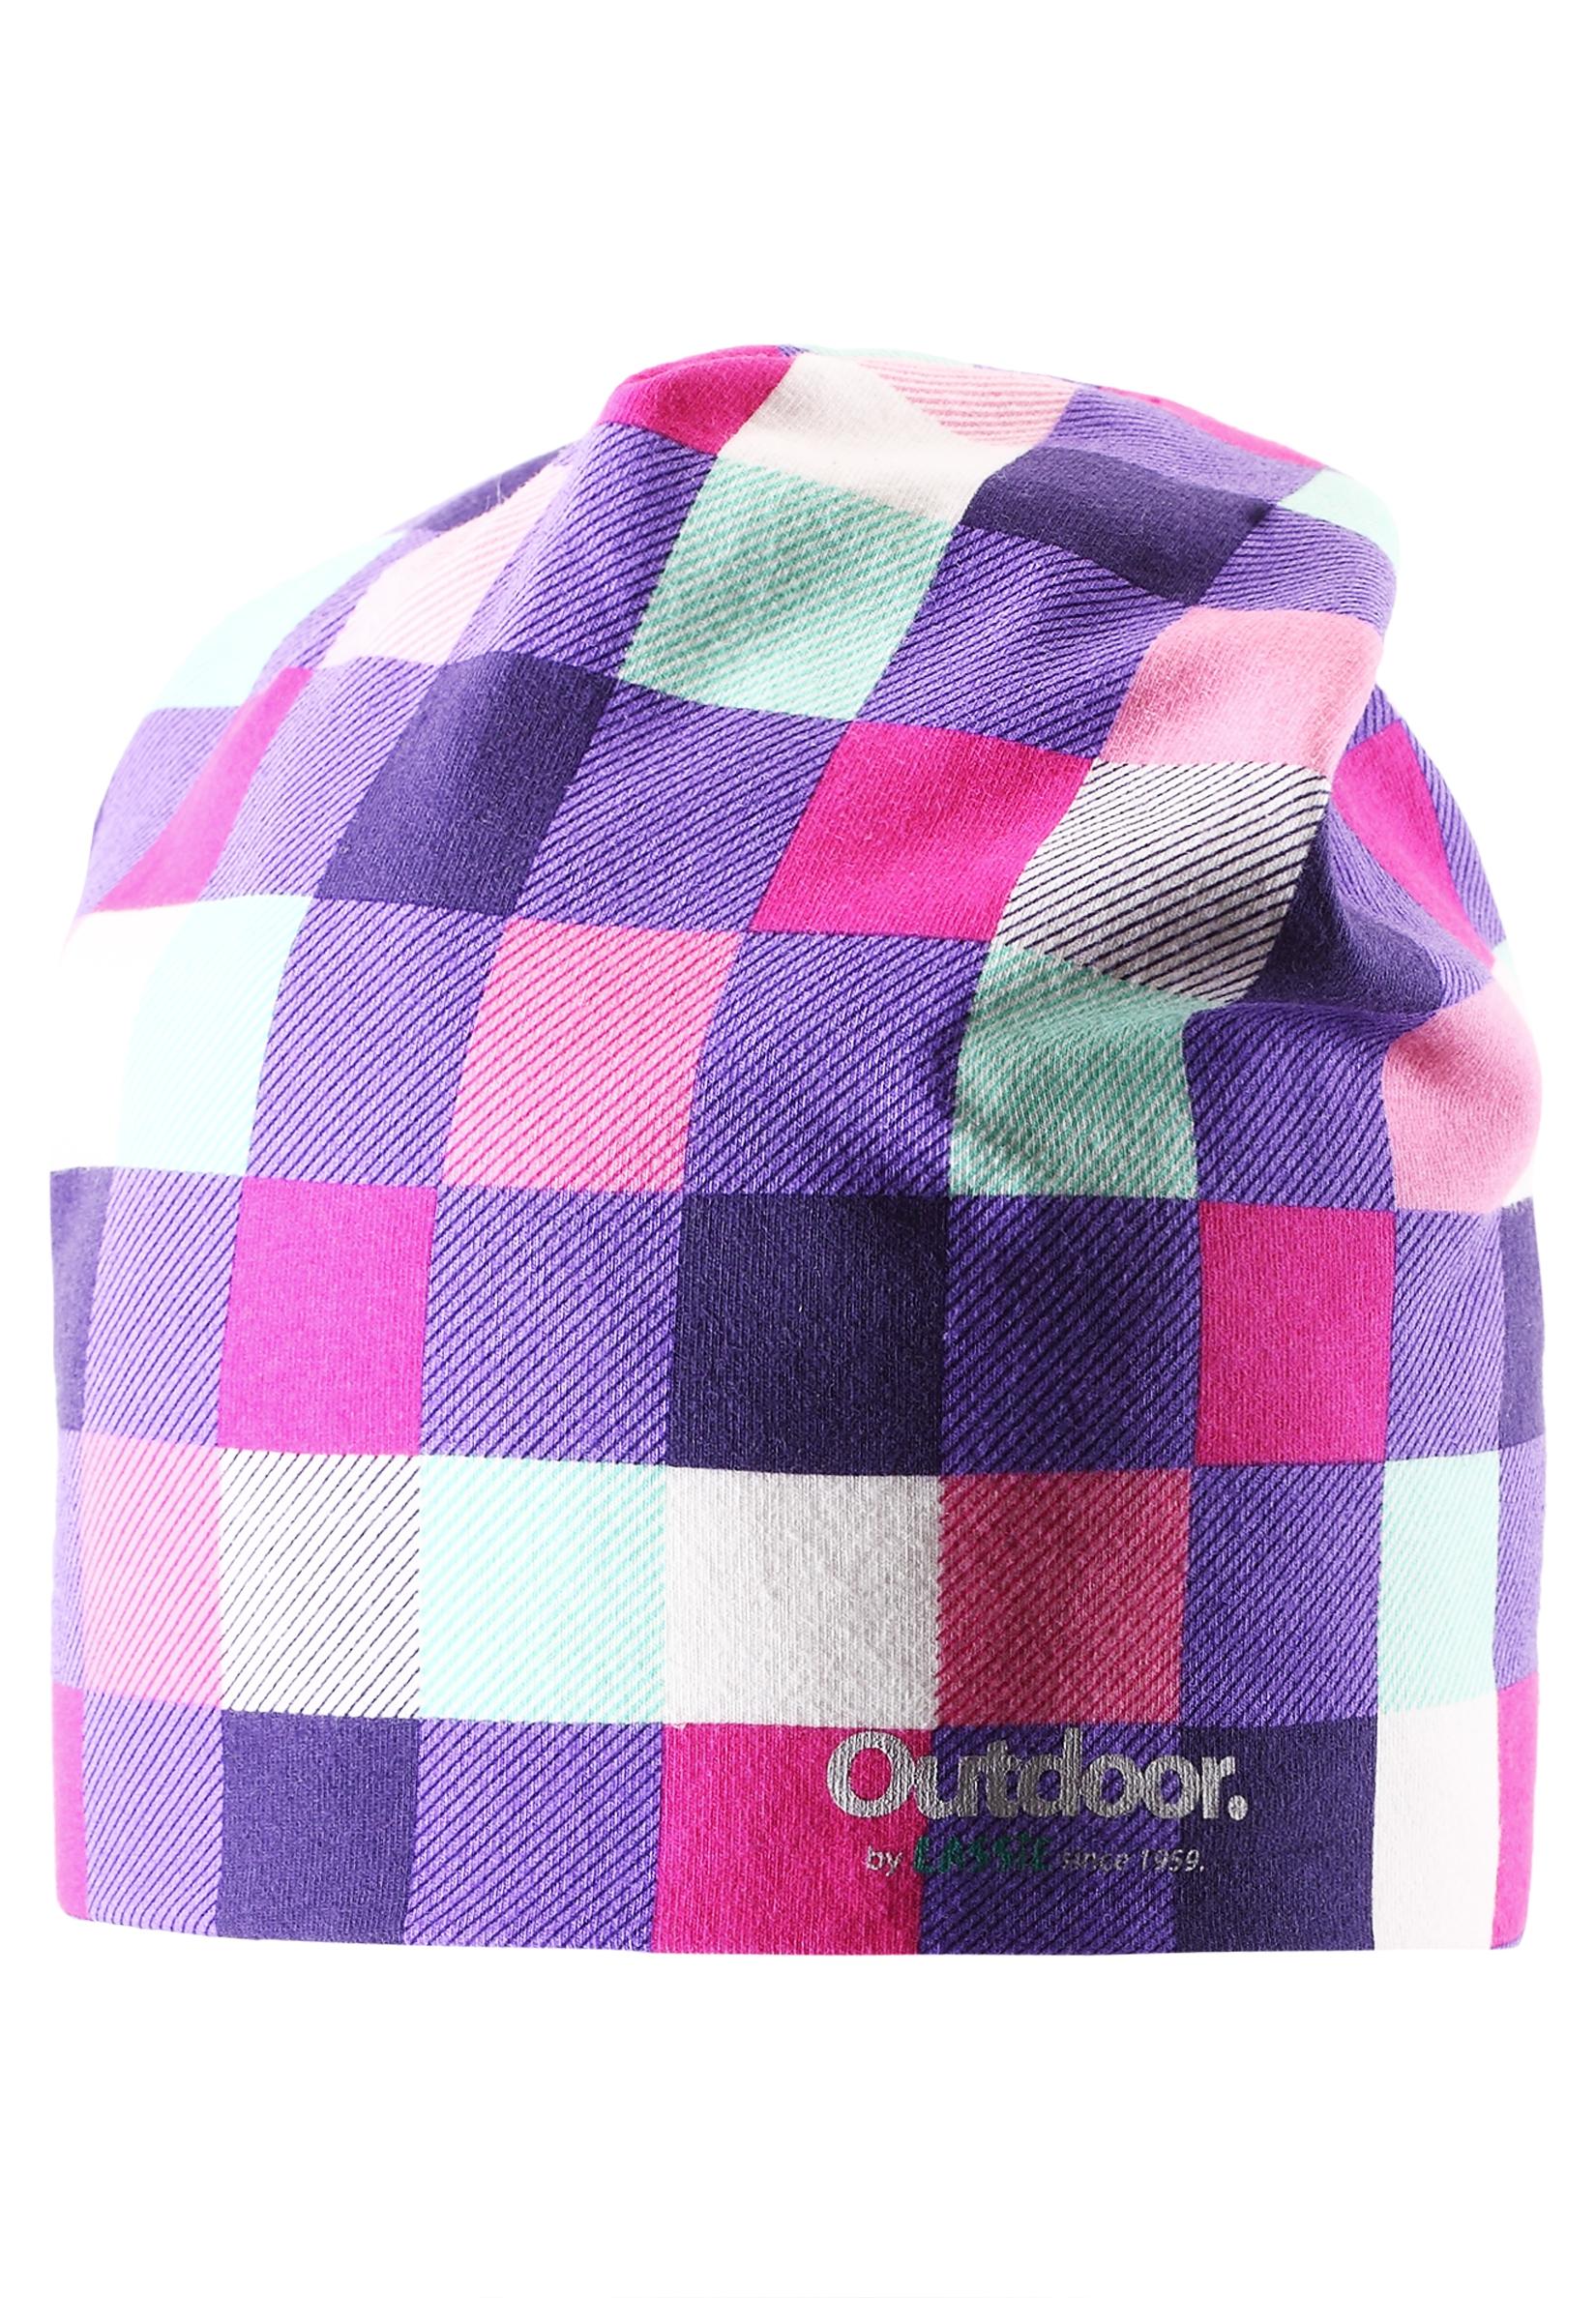 Головные уборы Lassie Шапка для девочки Beanie dark lilac, сиреневая шапка женская neff daily sparkle beanie dark teal